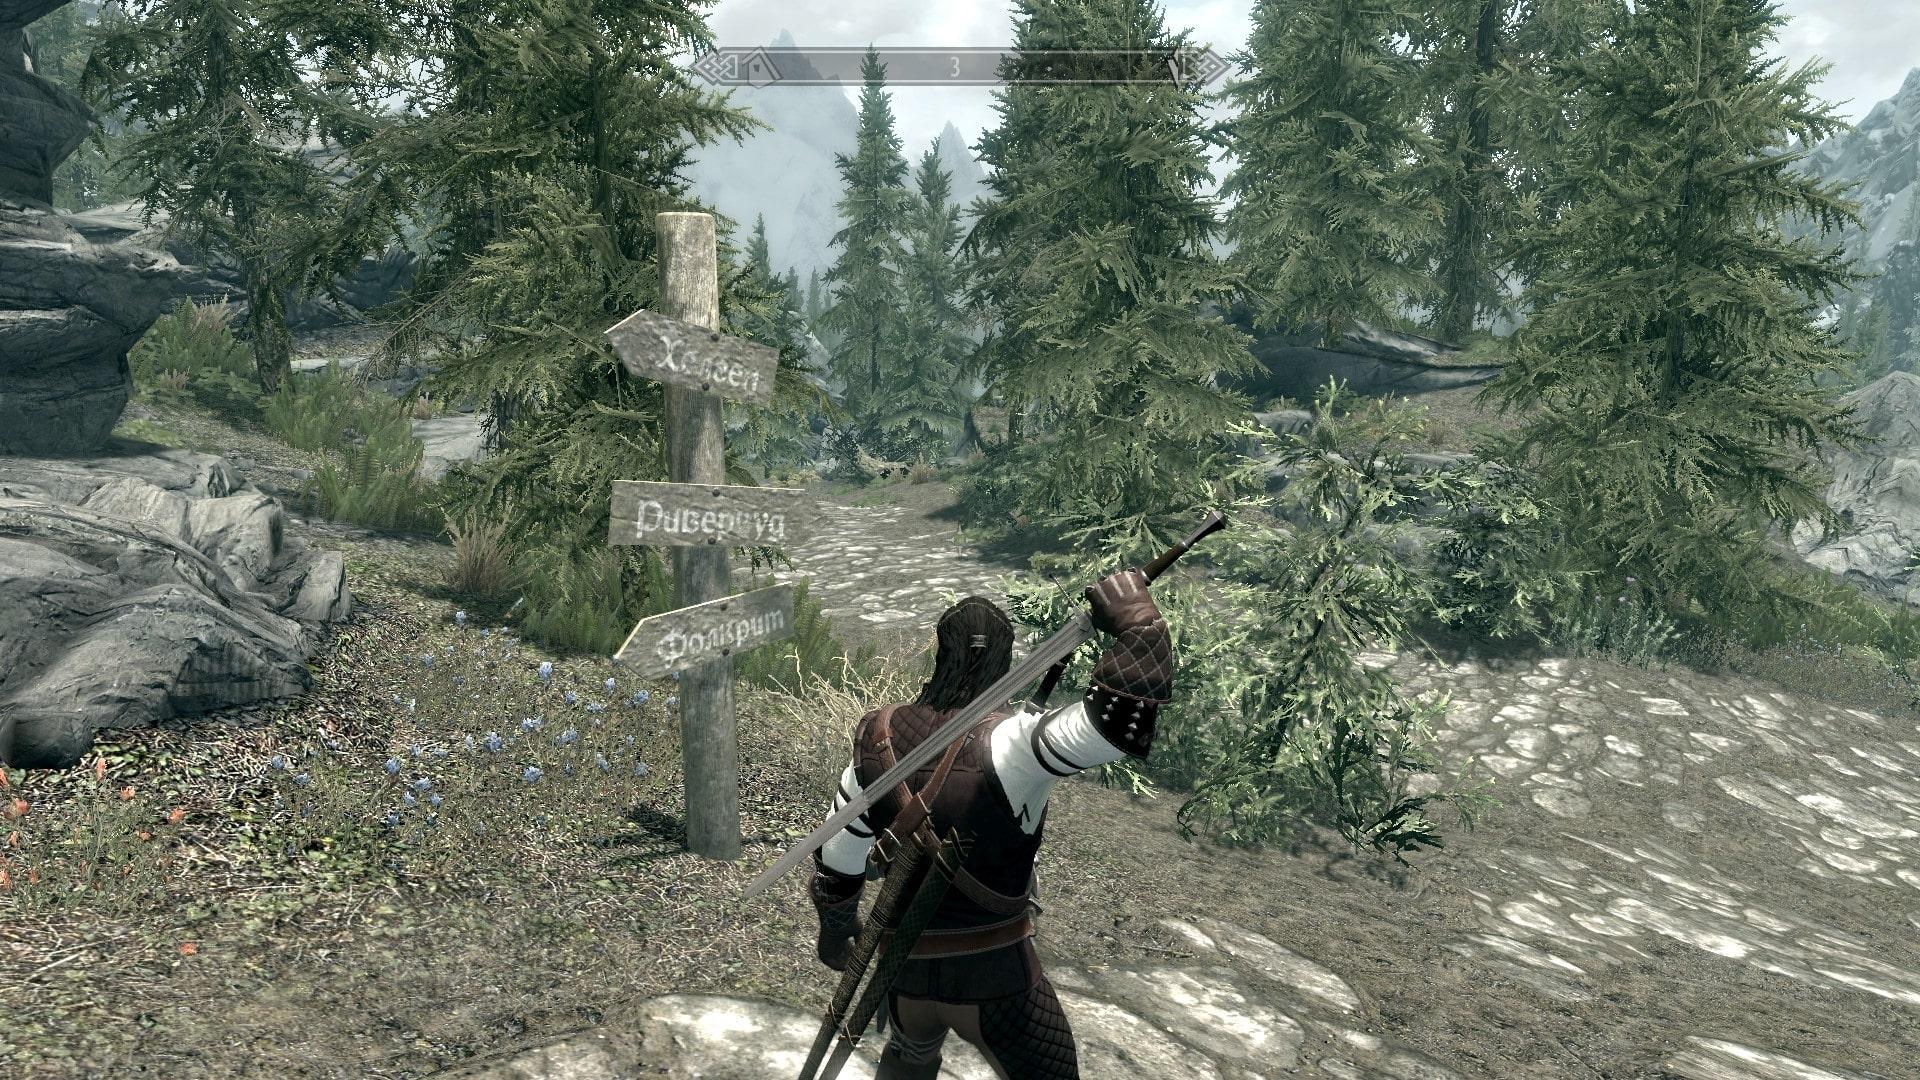 Witcher 3 Geralt Dual Swords | Ведьмак 3 - Двойные мечи Геральта